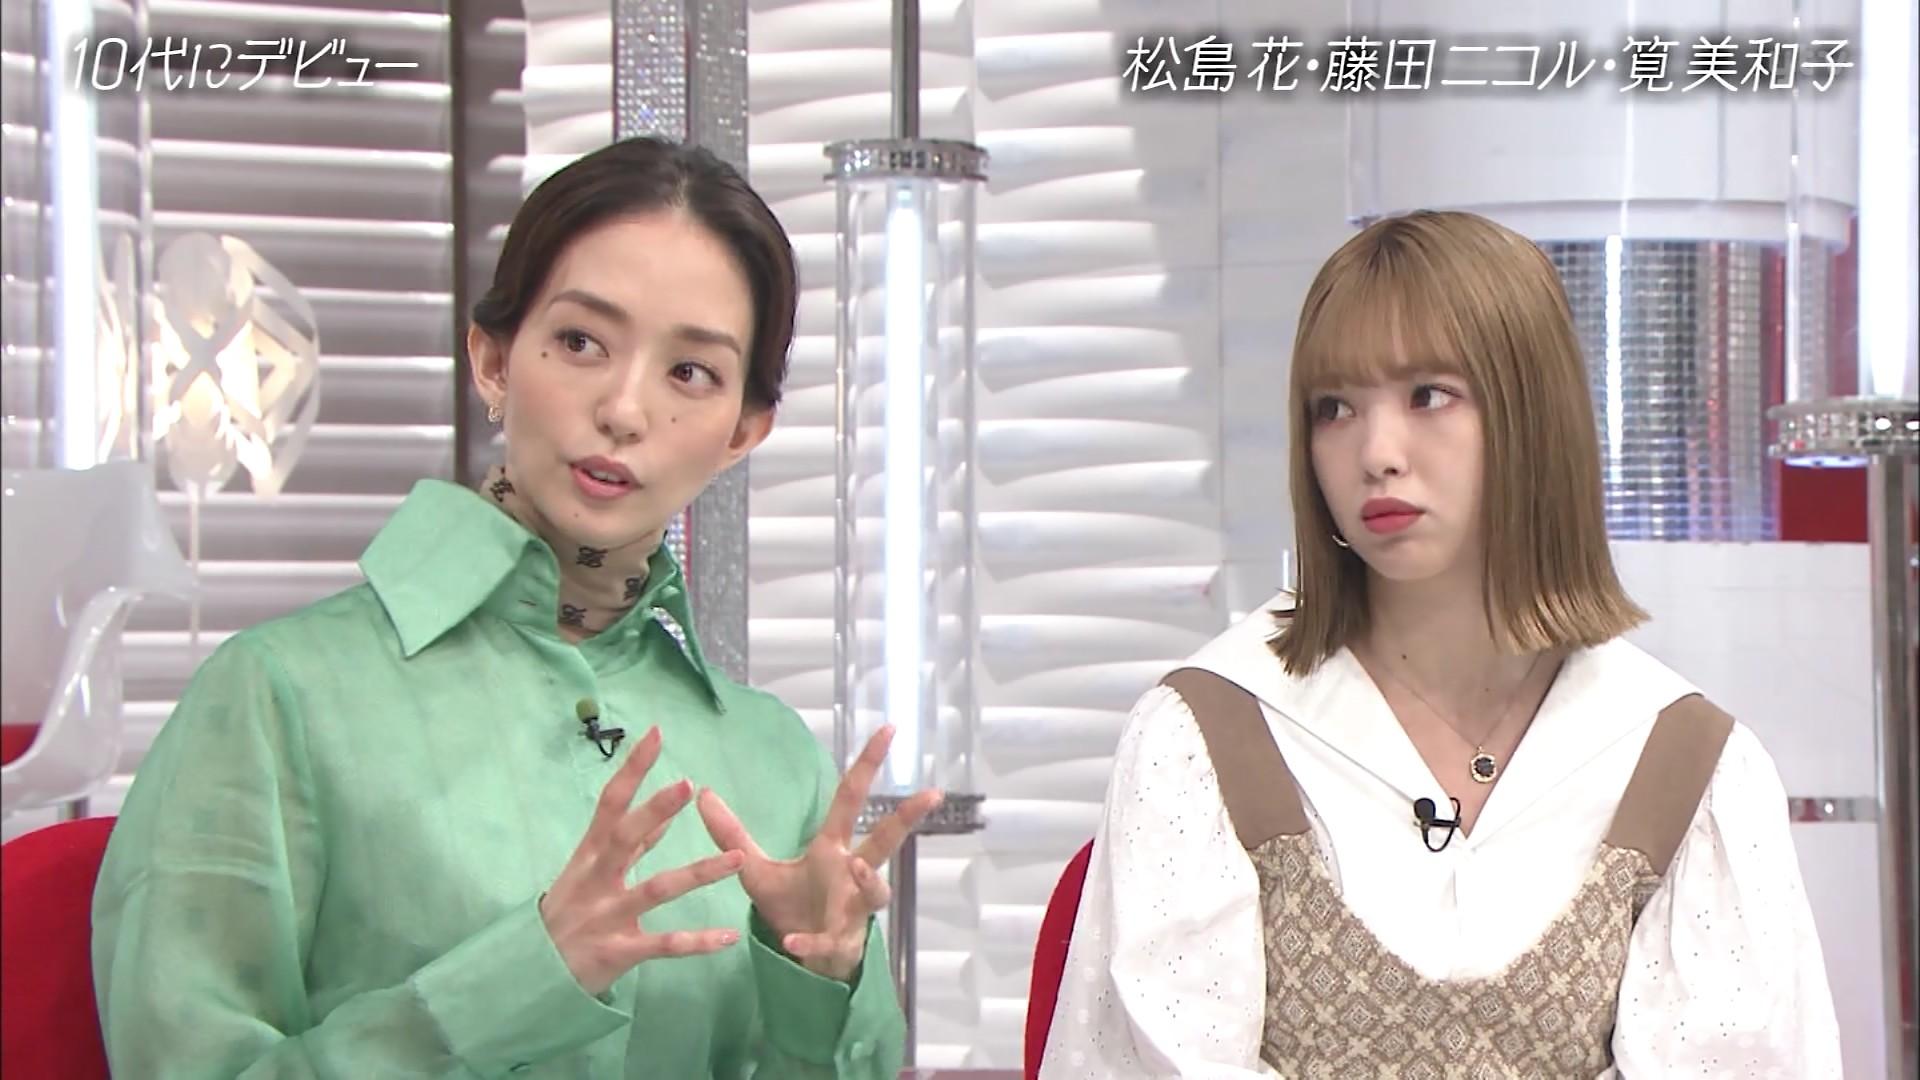 胸チラ_谷間_おっぱい_おしゃれイズム_0